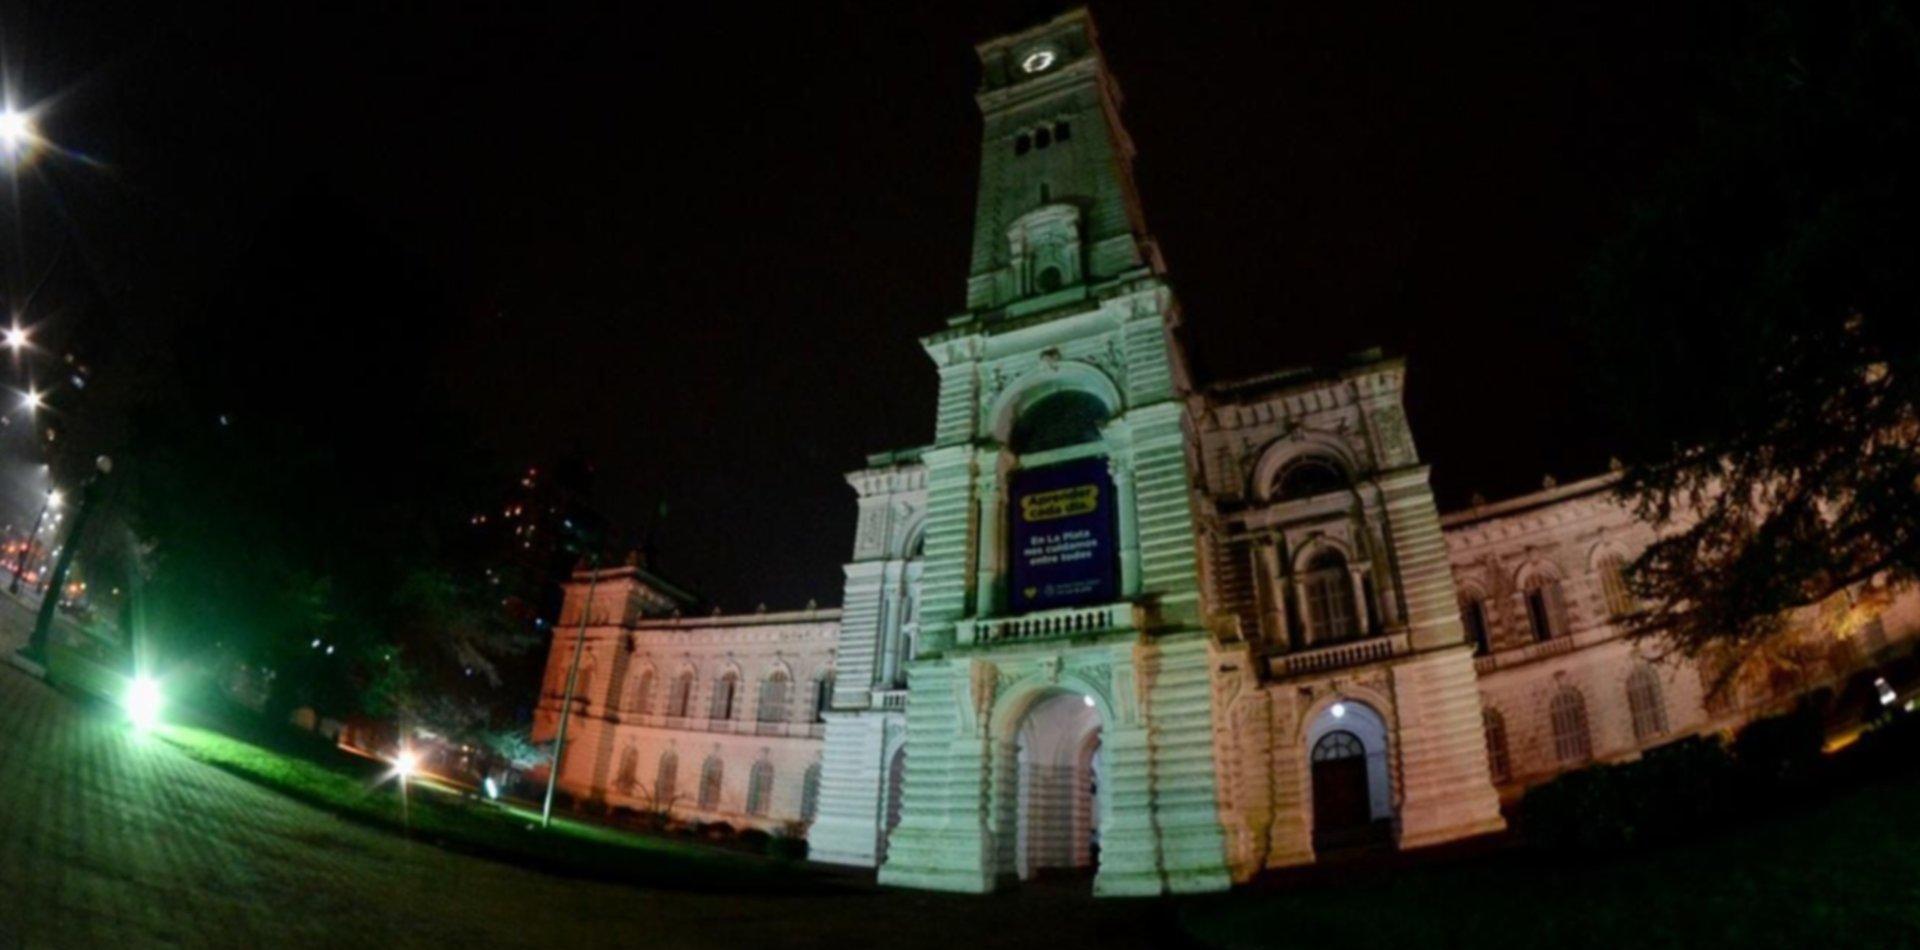 ¿Por qué iluminaron la Municipalidad de La Plata de color rojo, verde y blanco?